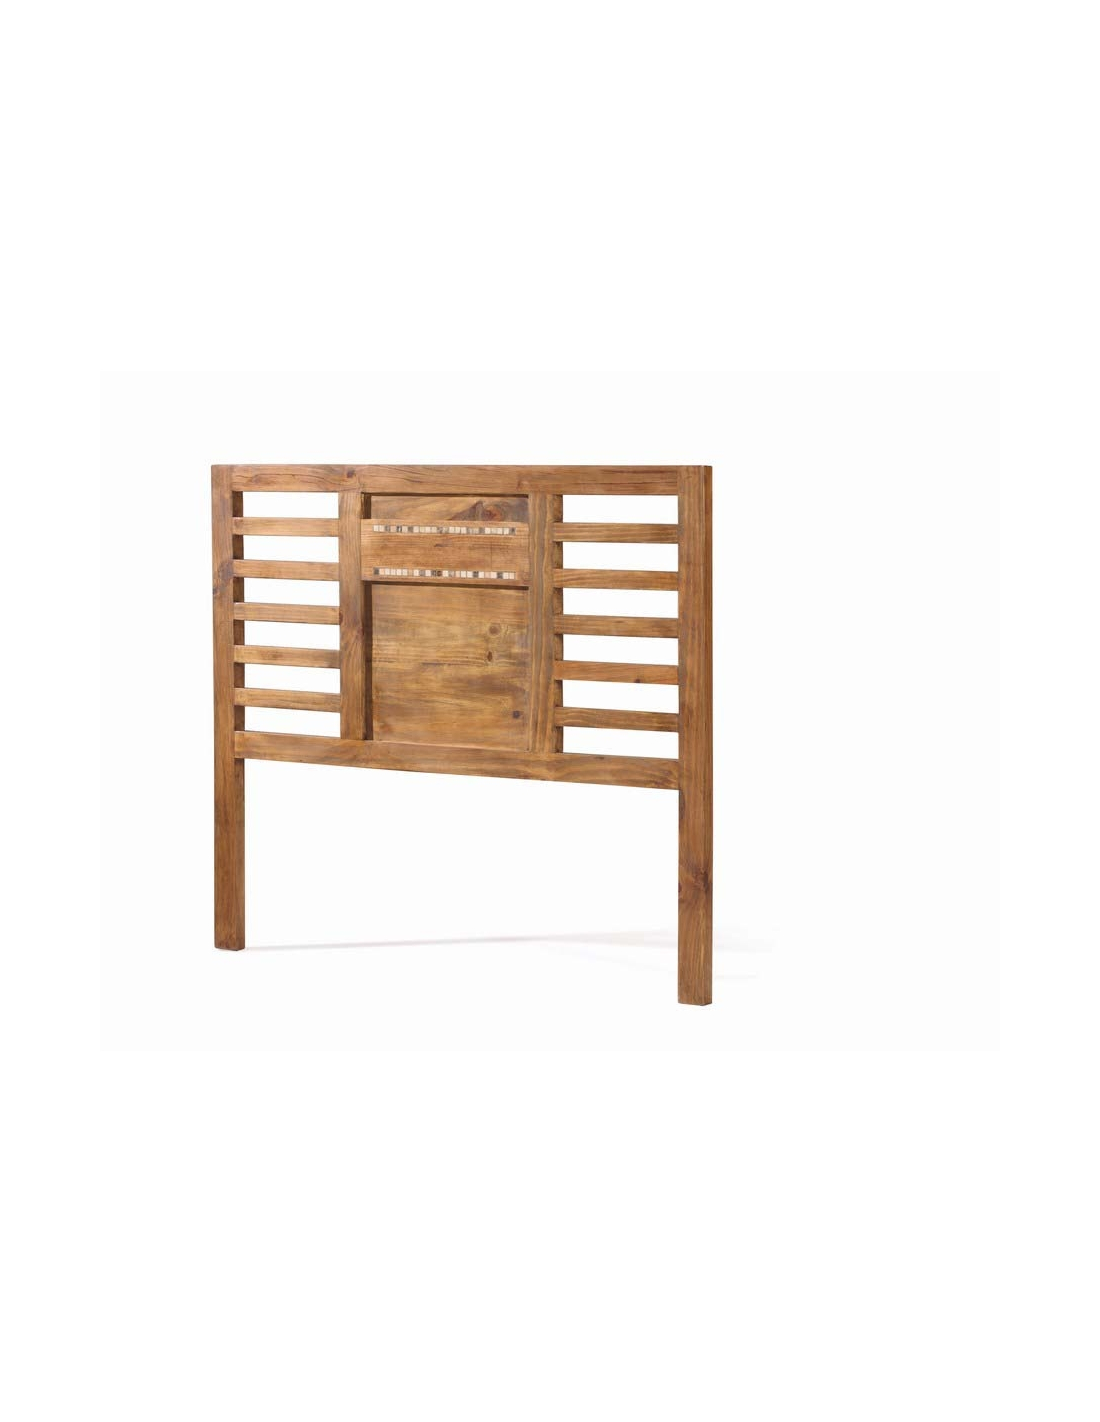 Comprar cabecero de madera en estilo rustico modular studio - Cabeceros rusticos de madera ...